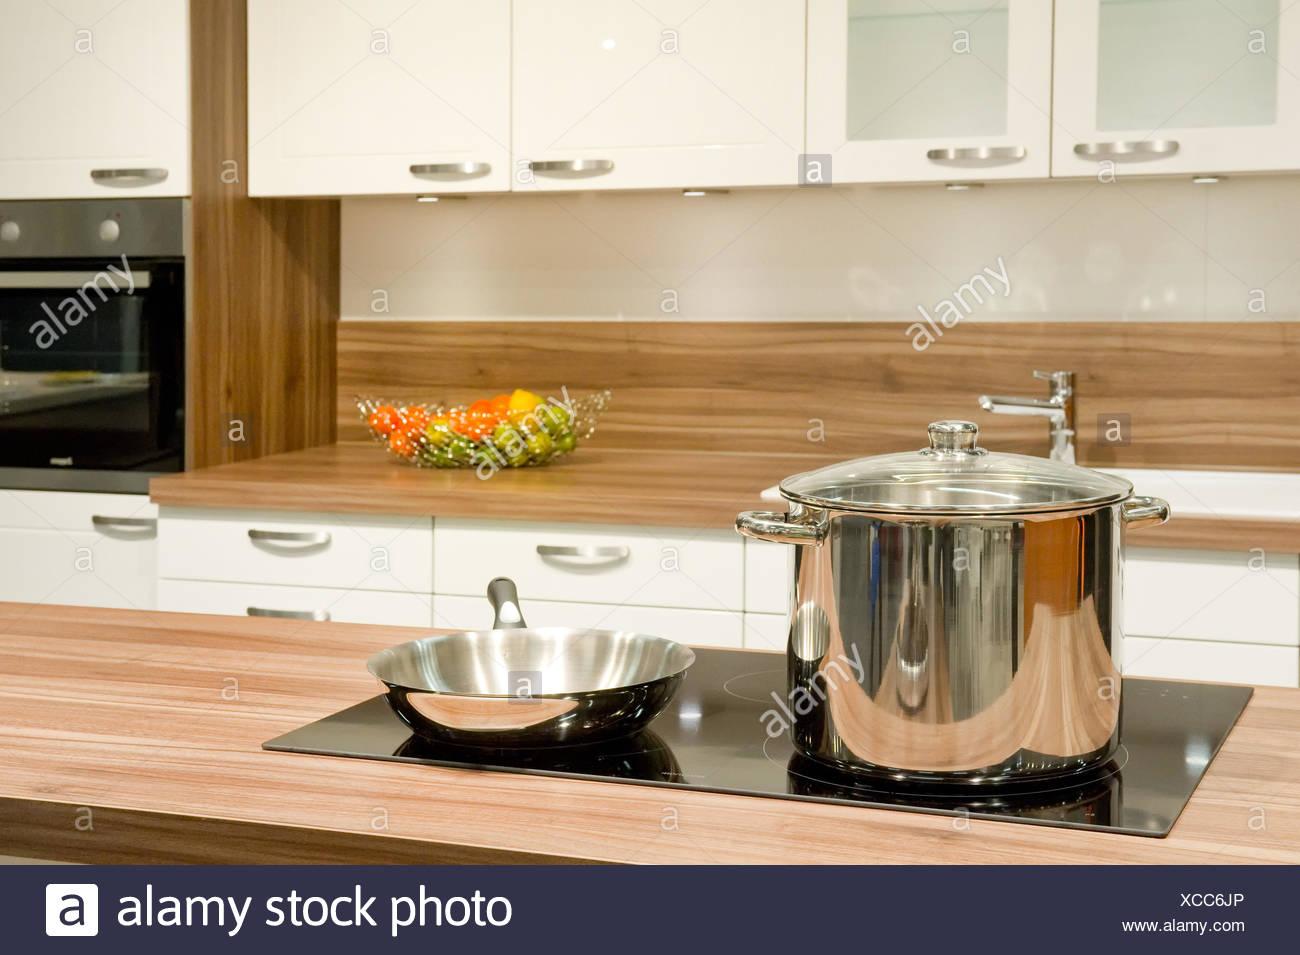 Cucina, bollire, cuochi, per ebollizione, cottura, caminetto, stufa ...